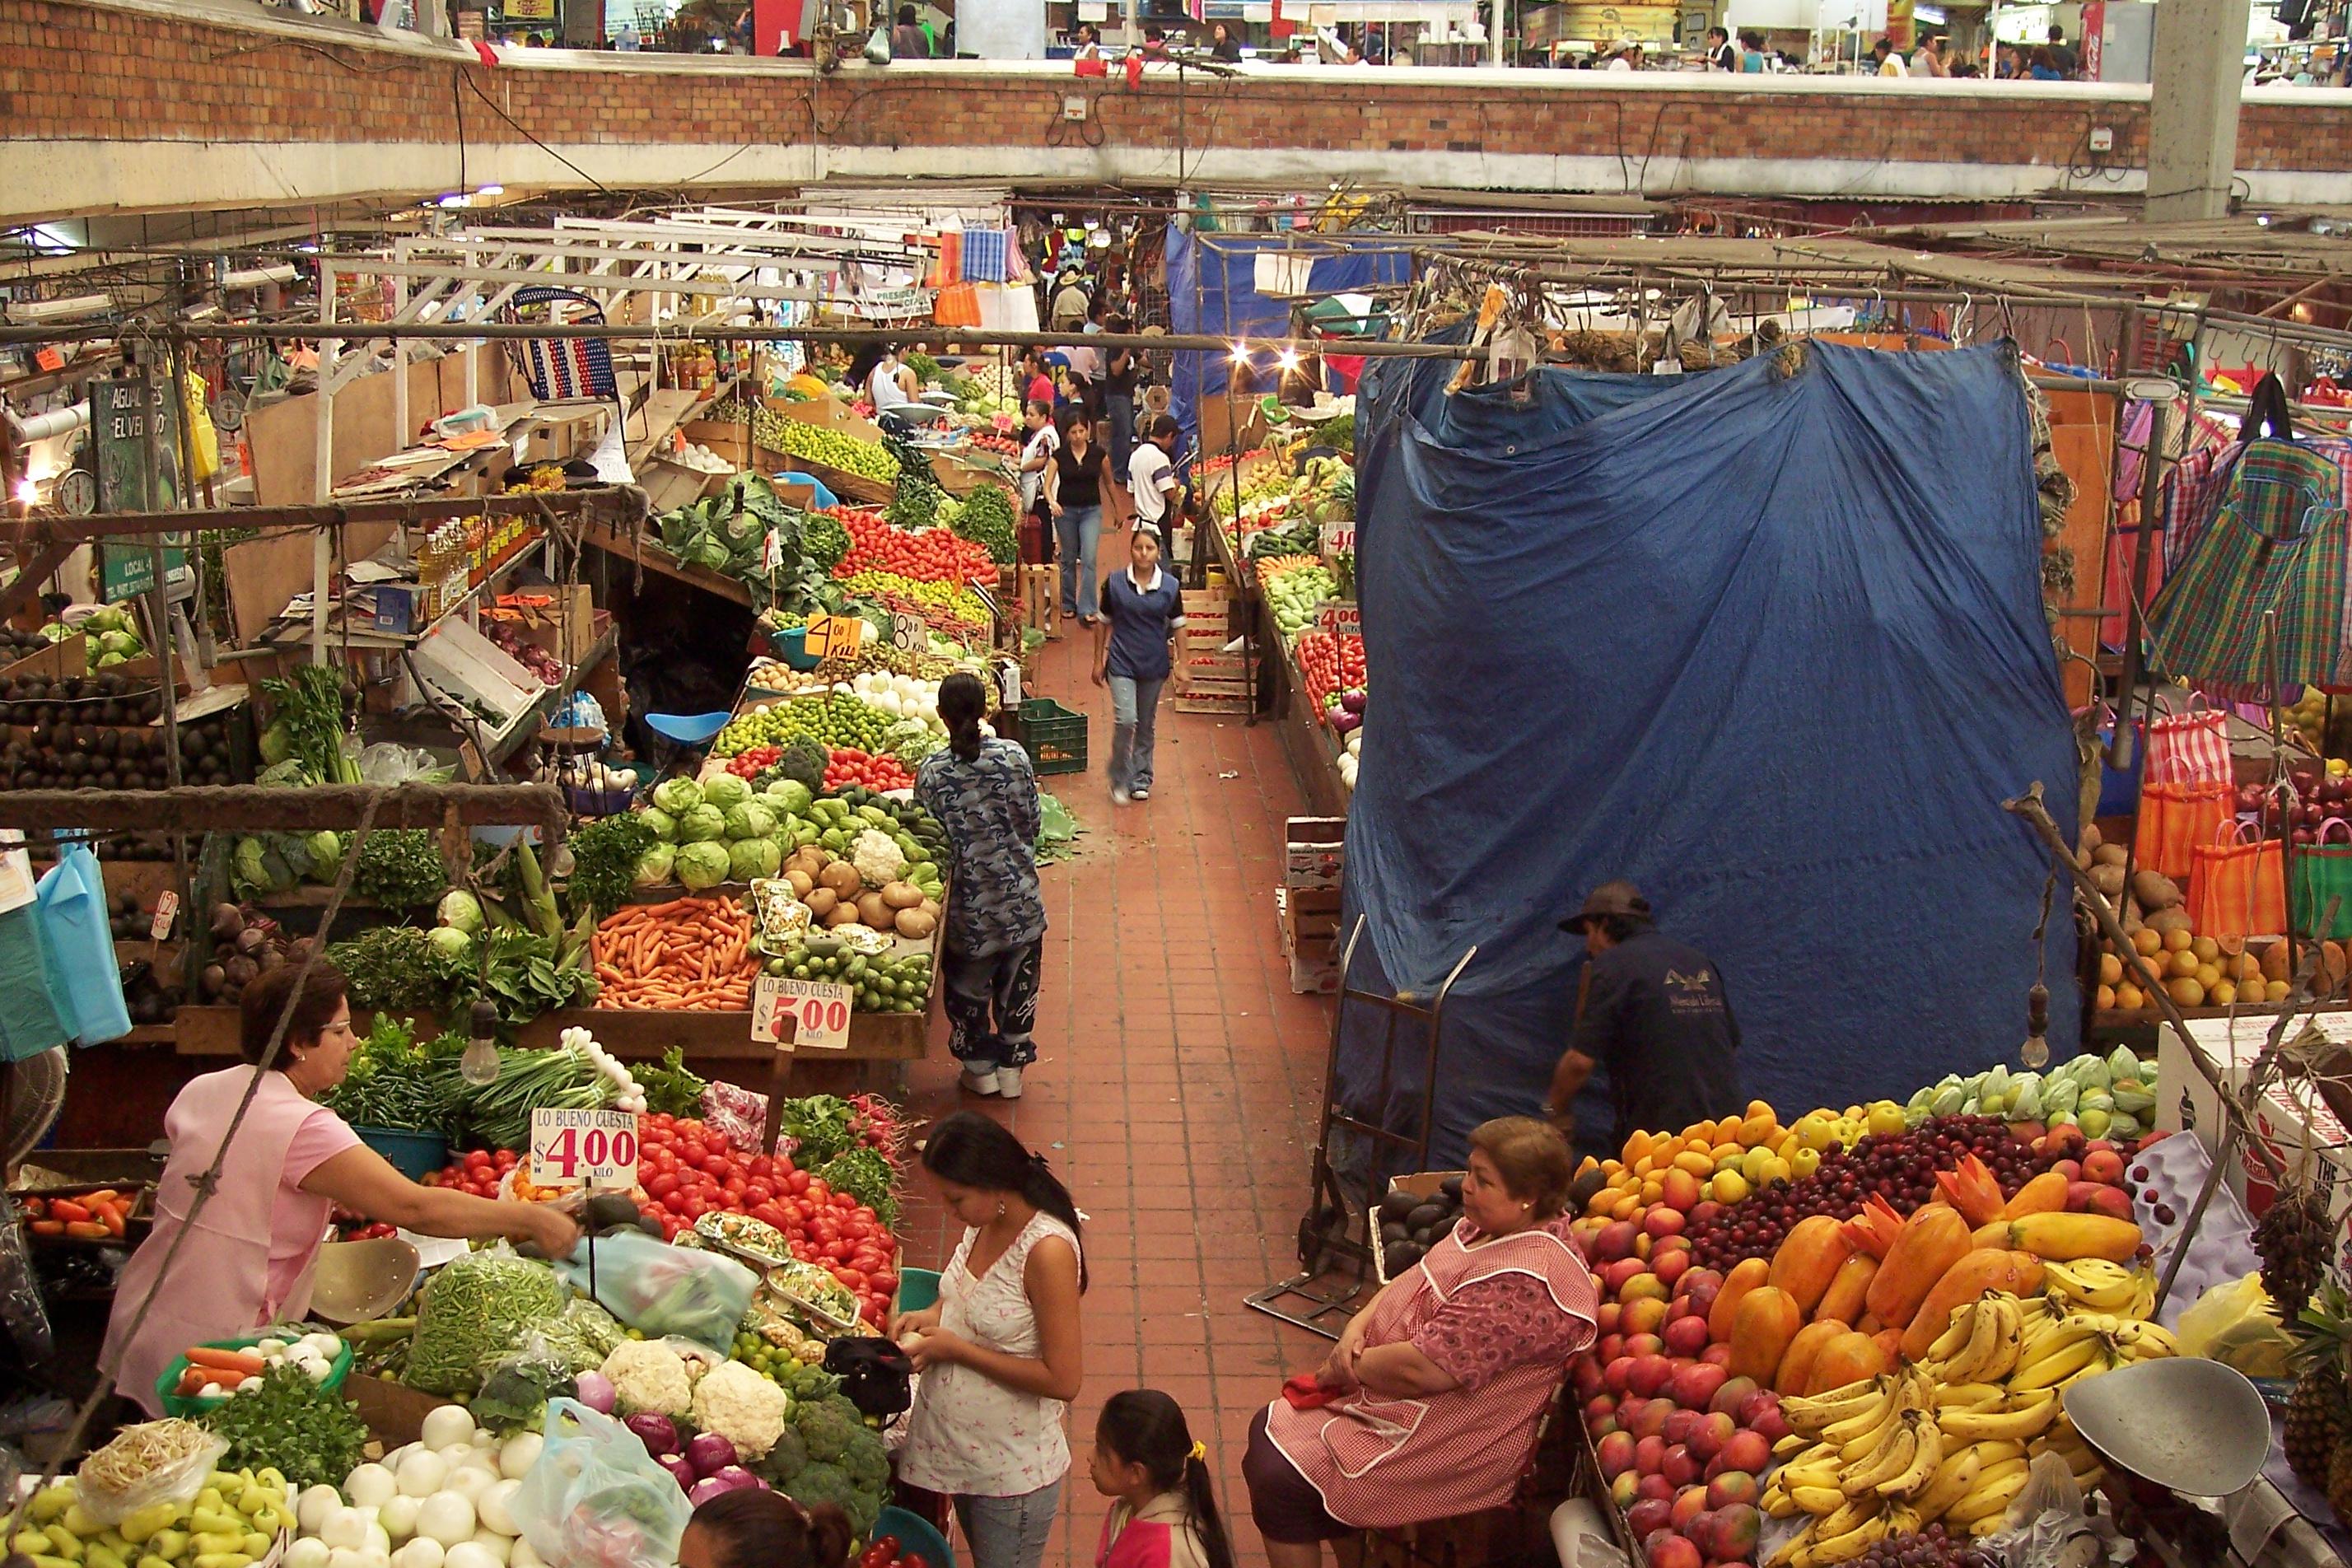 San Juan de Dios Market in Guadalajara, Jalisco